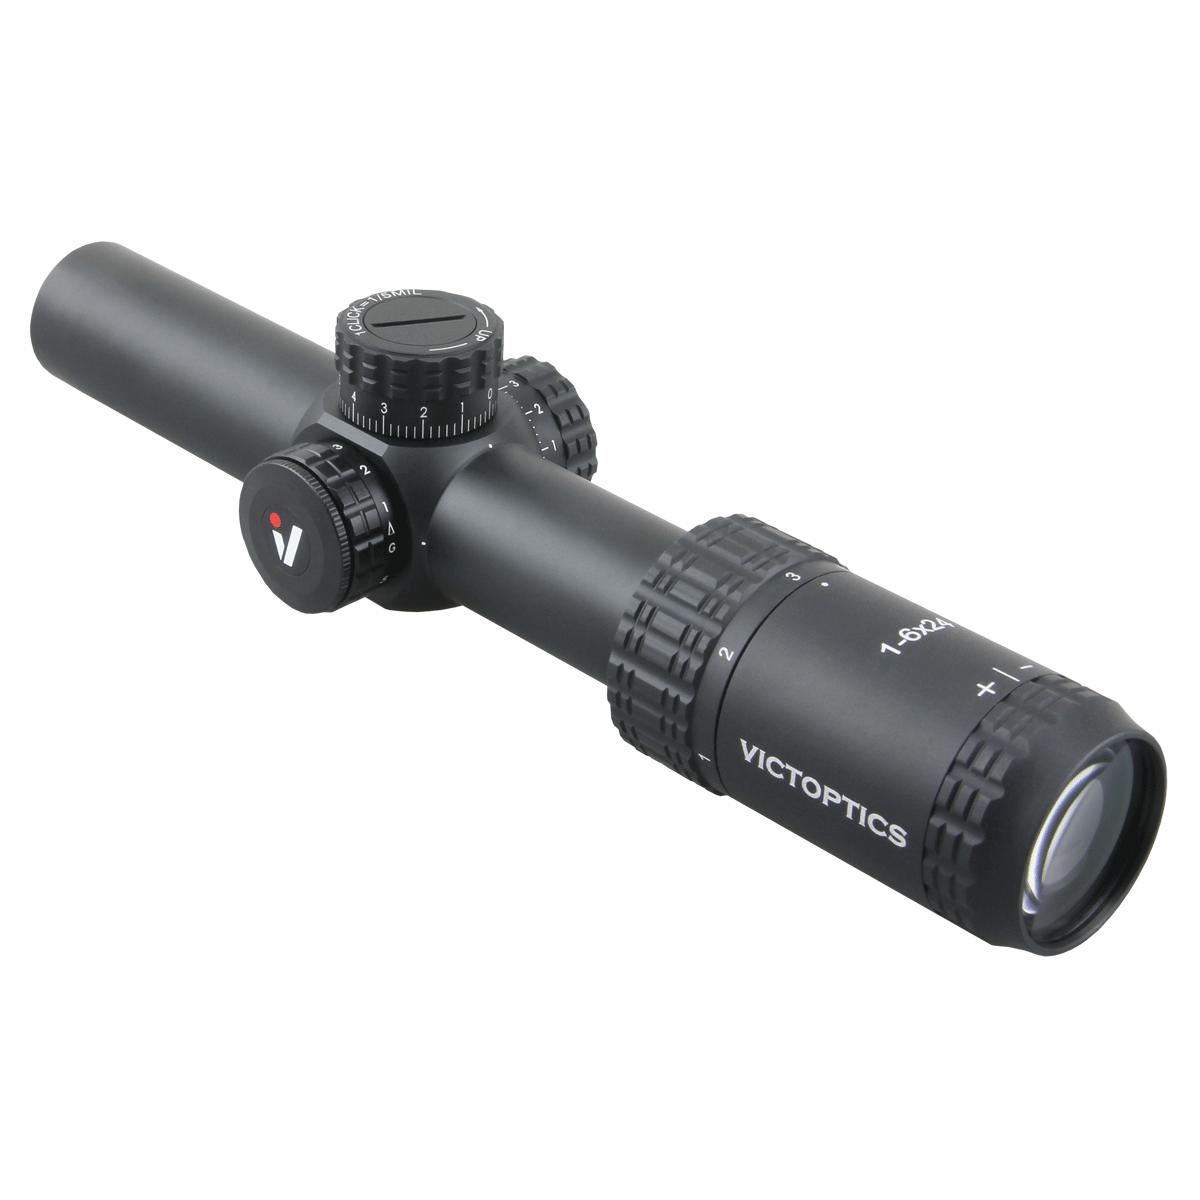 Victoptica – lunette de visée S6 1-6x24 SFP, avec soulagement des yeux et éclairage, réglage 1/5 MIL, compacte, pour AR 15 .223 5.56 3